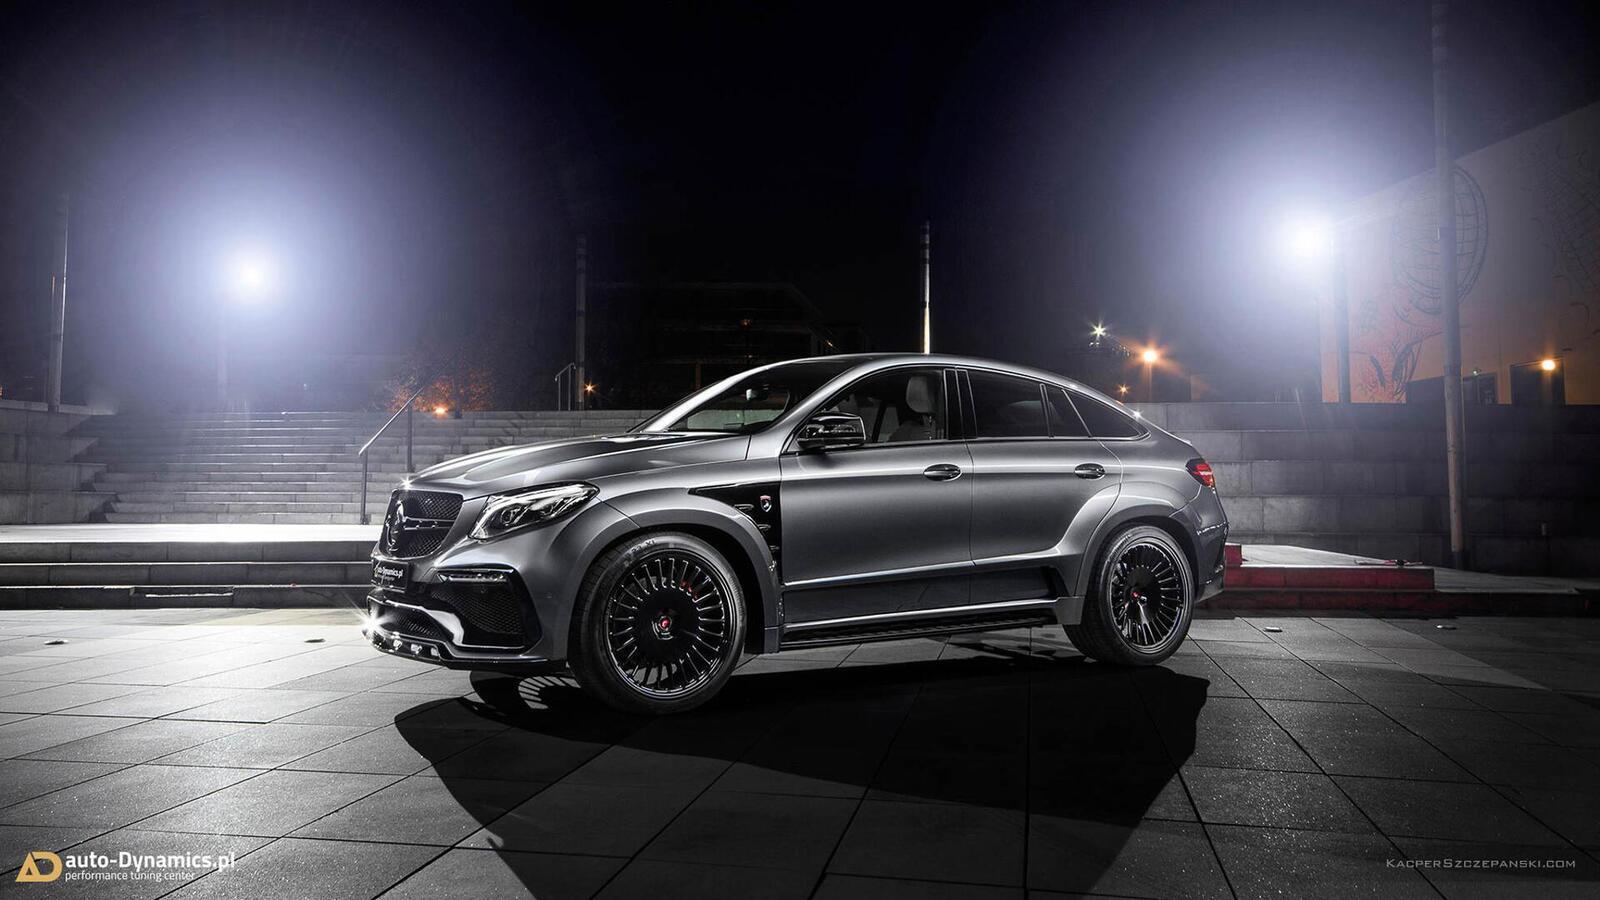 Mercedes-AMG GLE 63 S Coupe độ công suất lên 795 mã lực; tăng tốc 0-100 km/h trong 3,25 giây - Hình 10